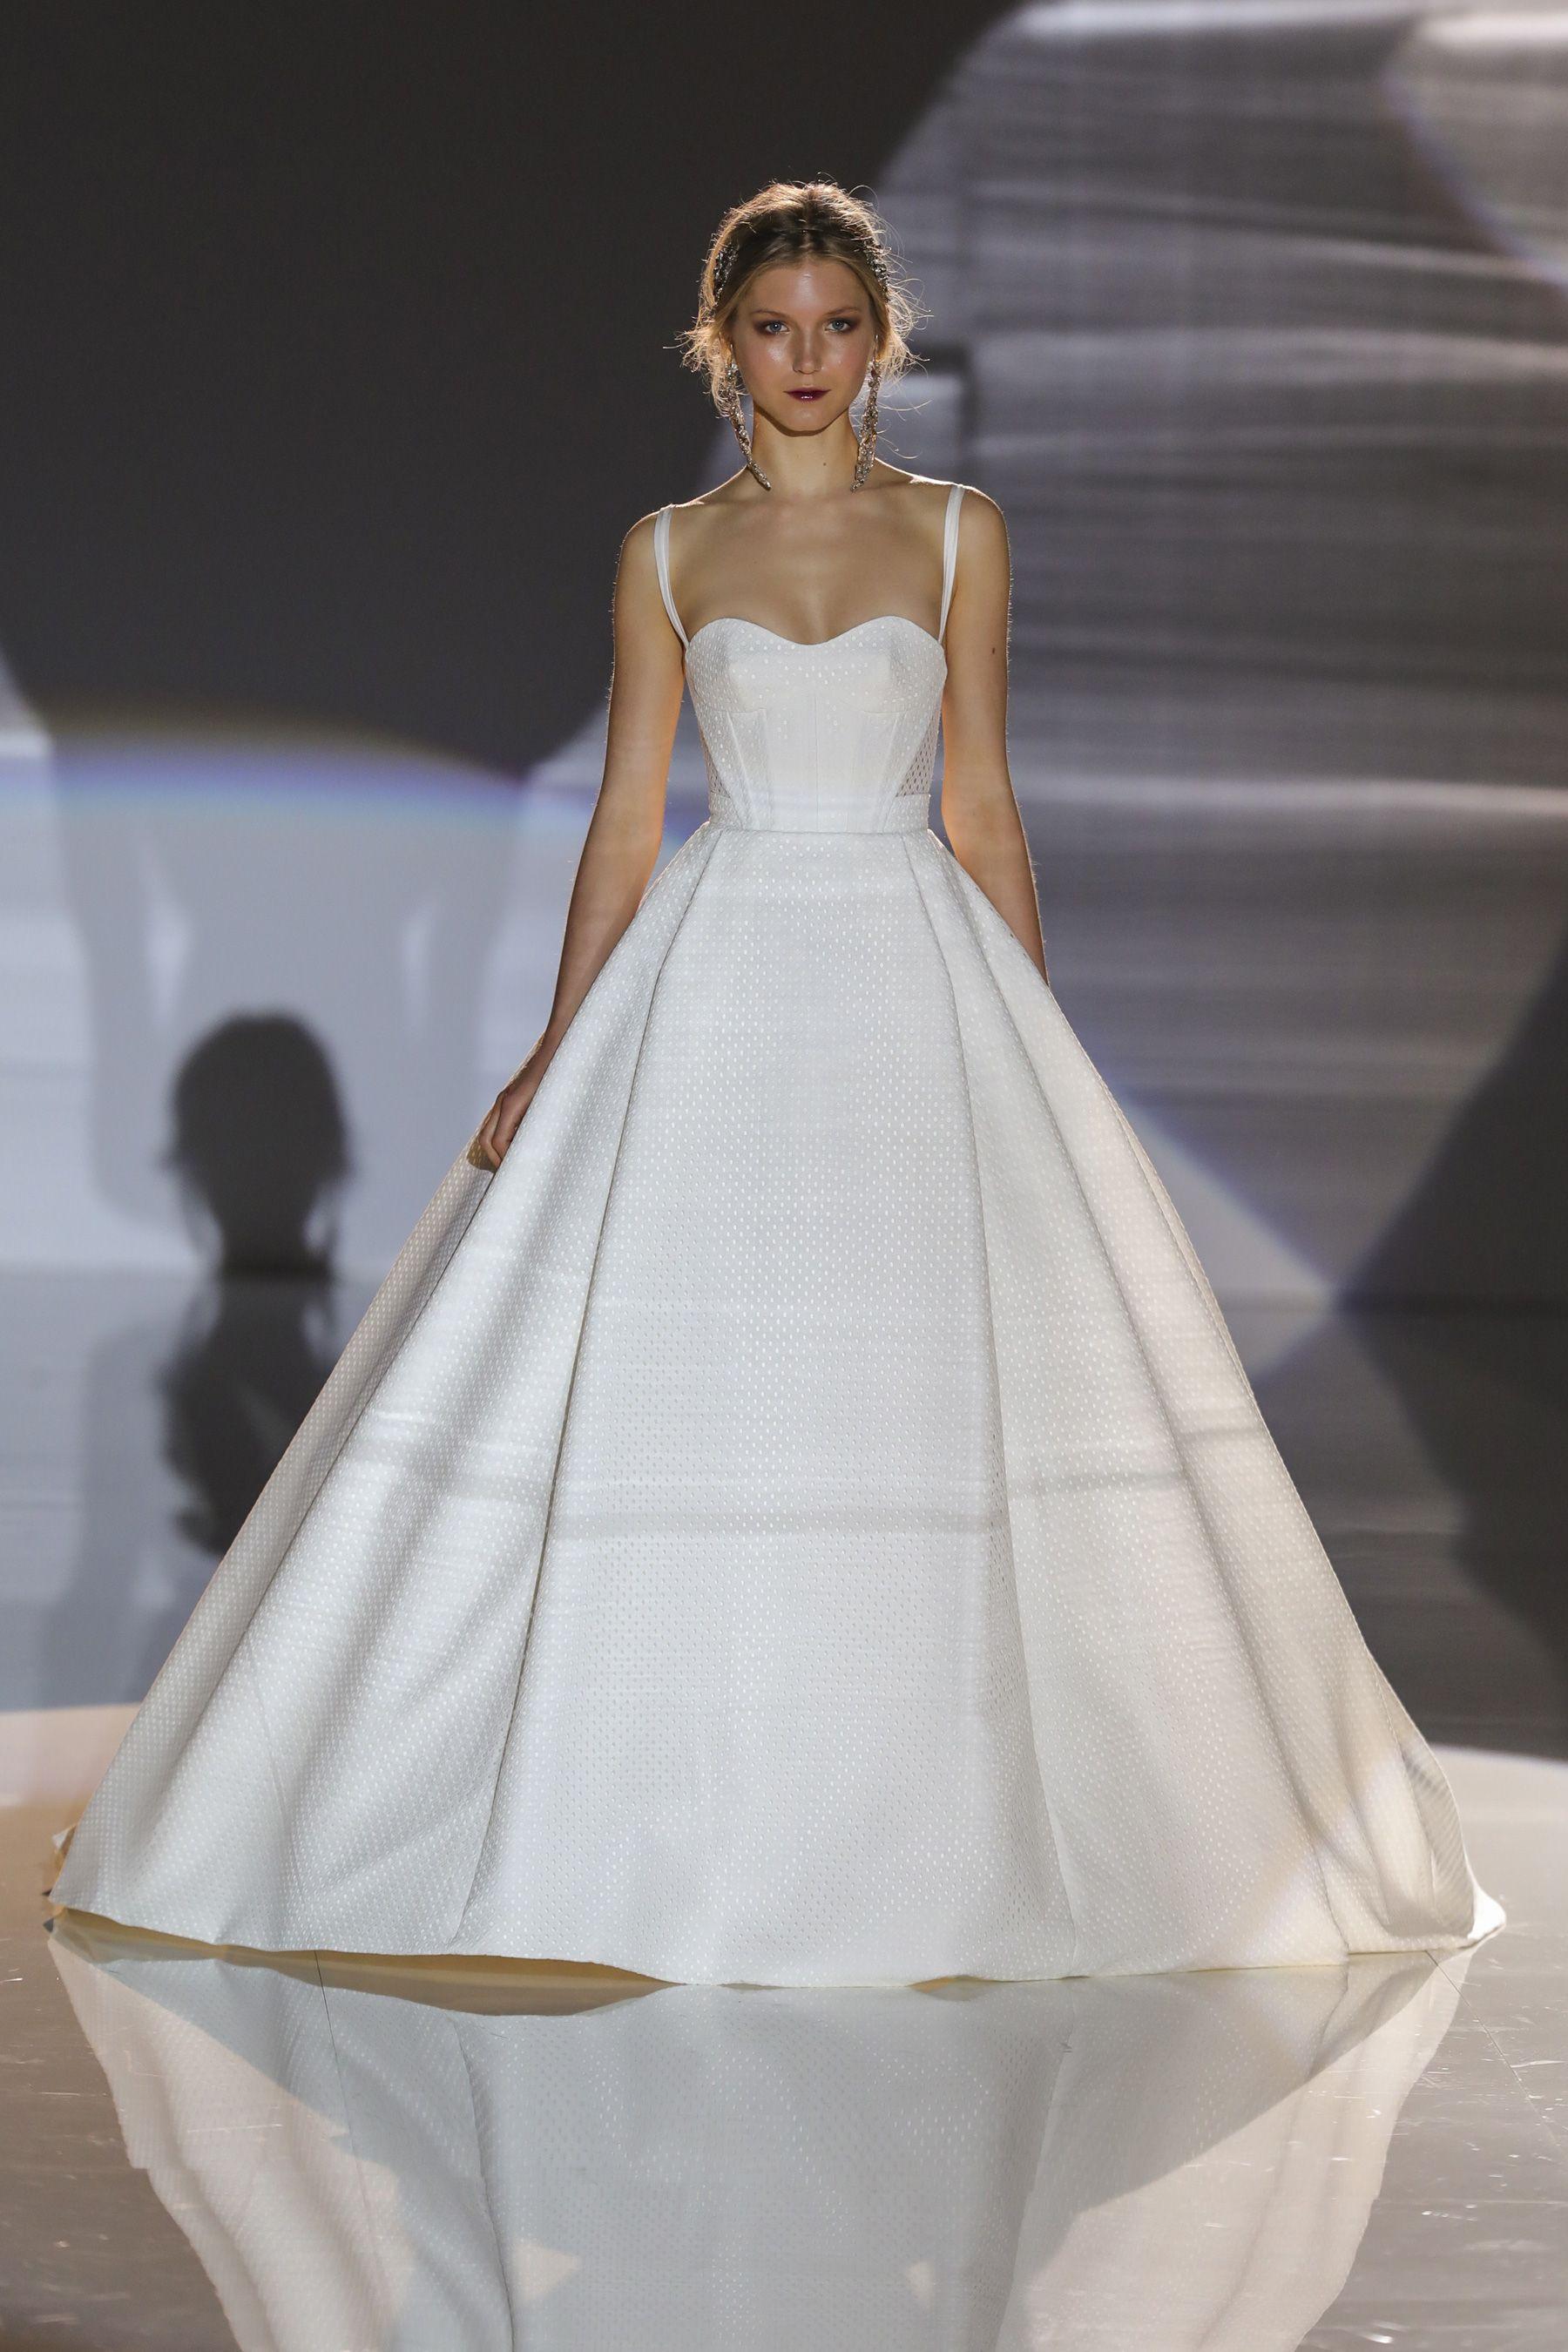 2018 Bridal Fashion